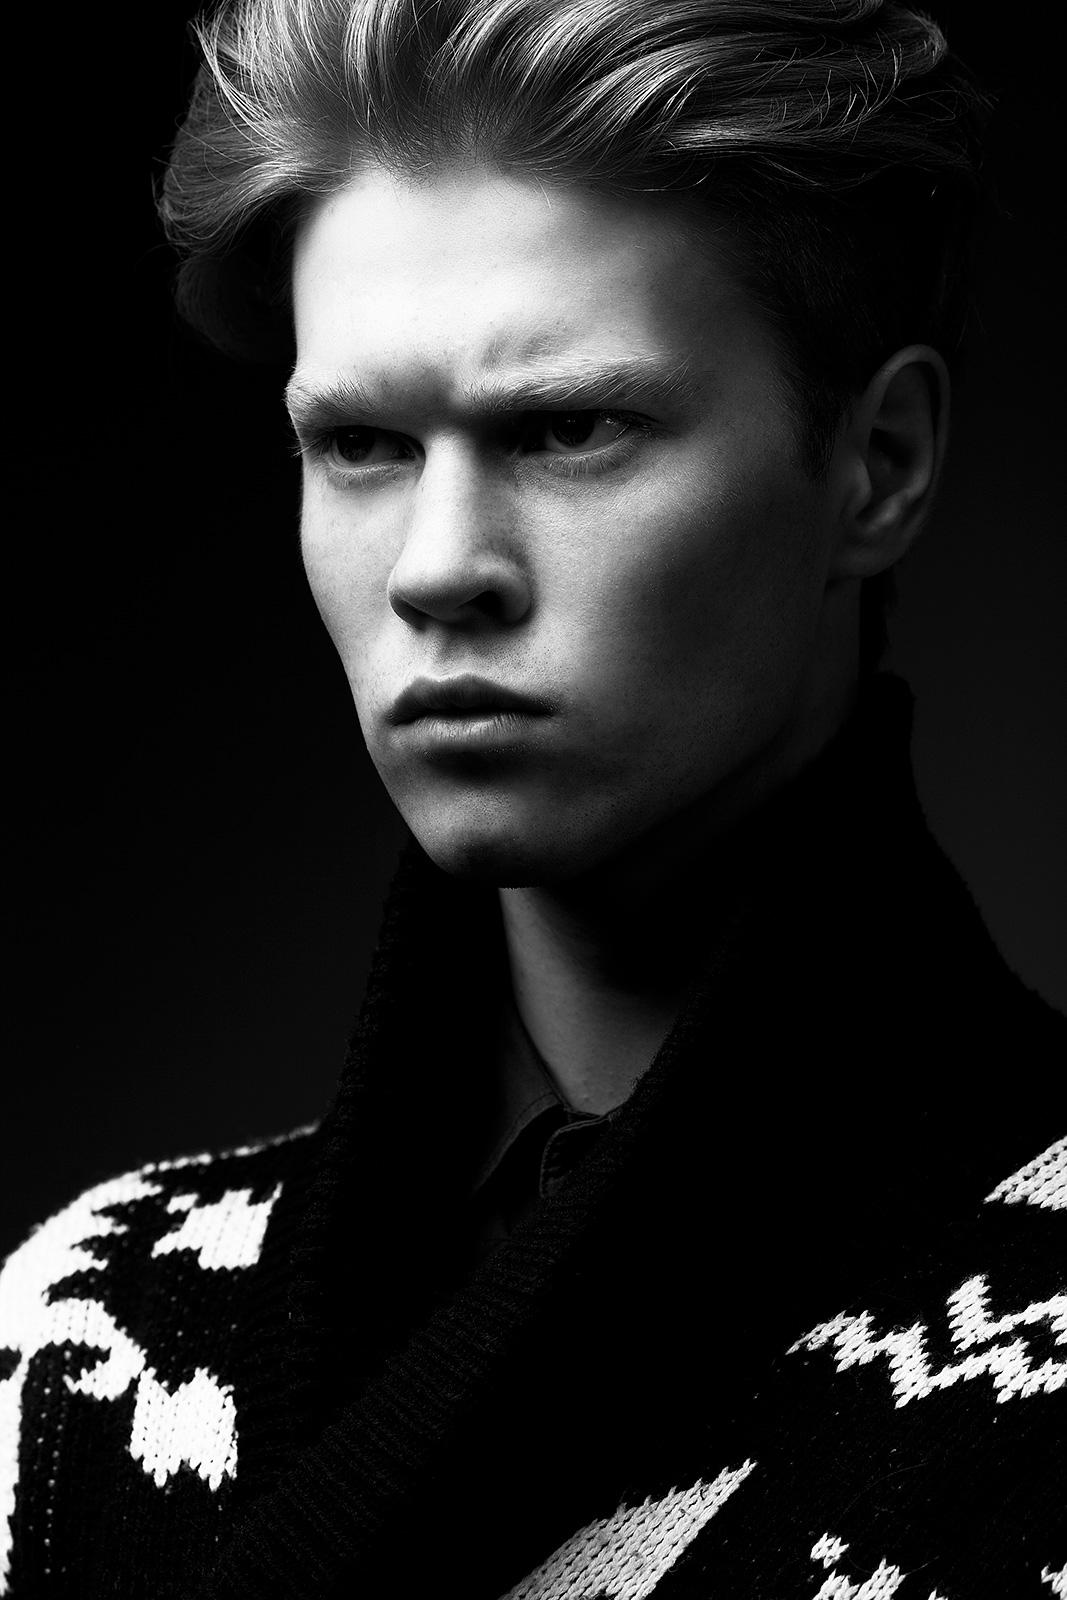 Модельные тесты парней. Тима (Tann Models), фотограф: Александр Сакулин